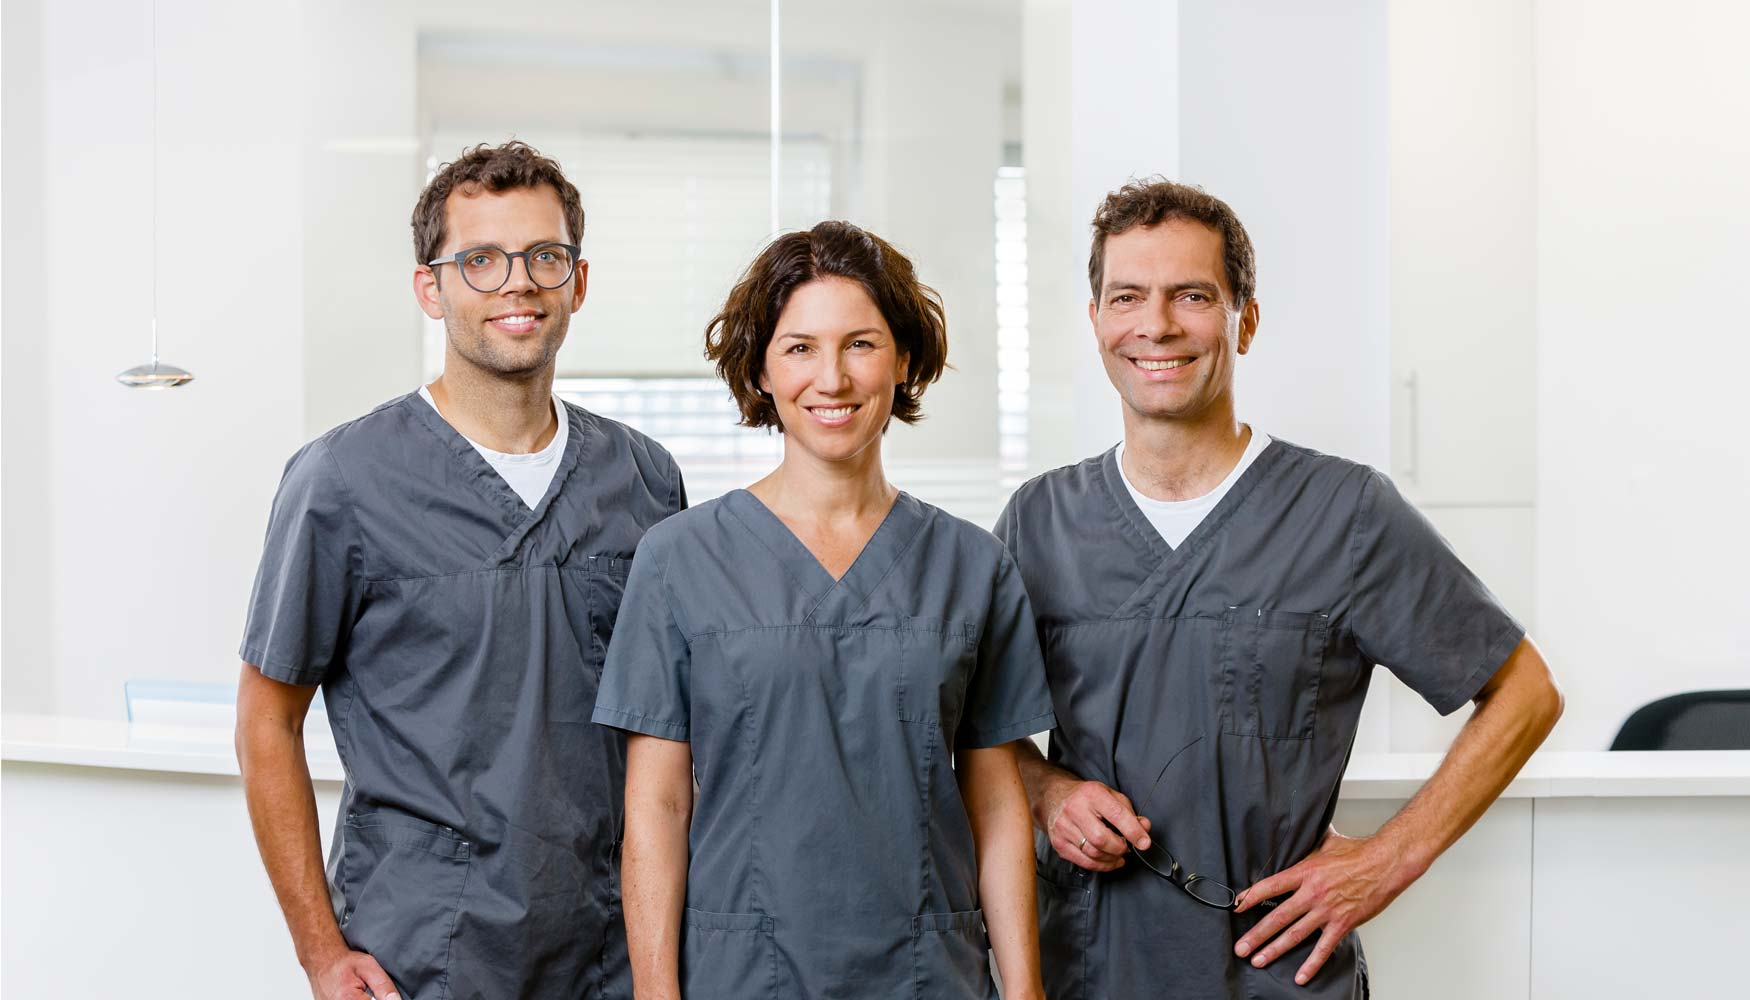 Dr. Julie Weitkamp, Dr. Thomas Pierchalla, Dr. Jürgen Pierchalla